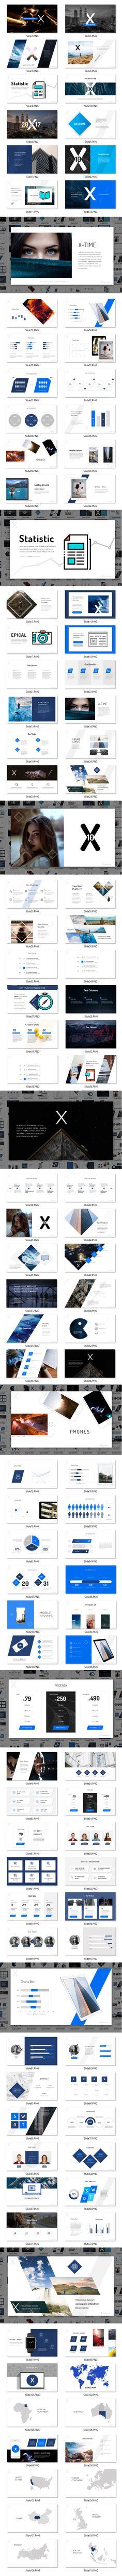 X10 - Business PowerPoint Template - 111+ Unique Multipurpose Slides